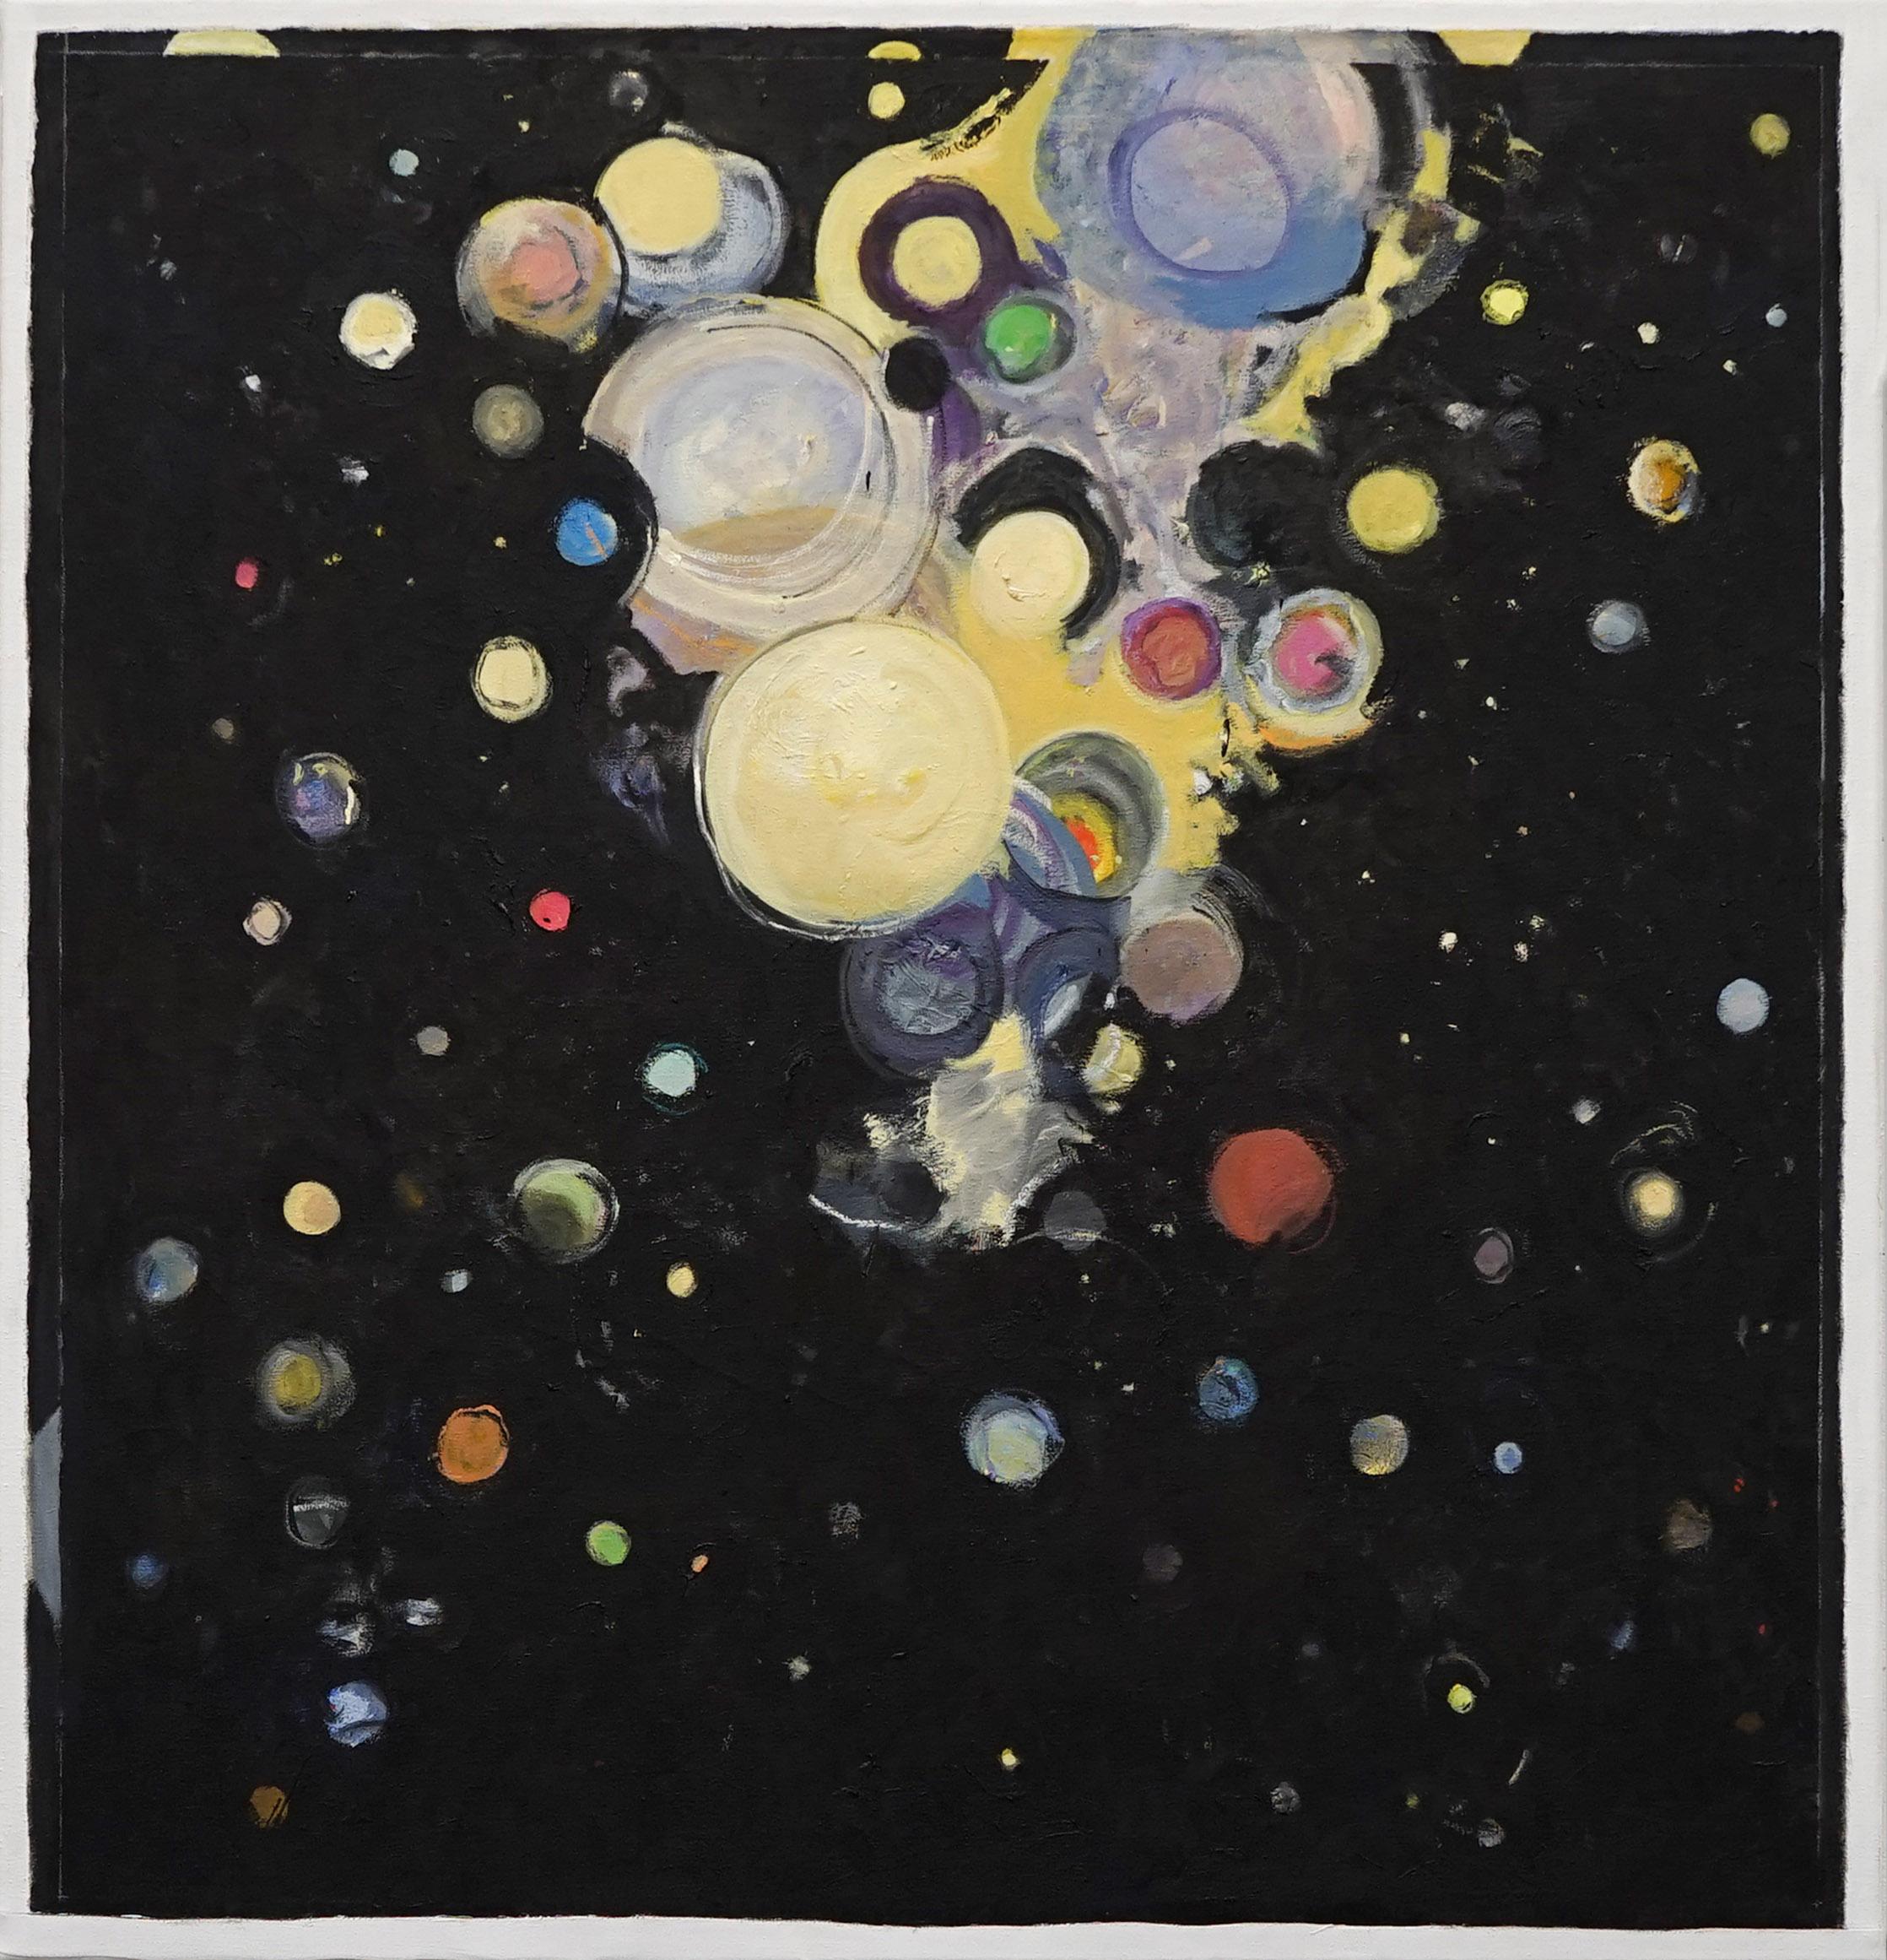 Galerie Barbara Thumm \ Valérie Favre: Au dessus, Au dessous, A côté des bateaux des poètes( VFa-21-002) \ Au dessus, Au dessous, A côté des bateaux des poètes, 2021 (2021)